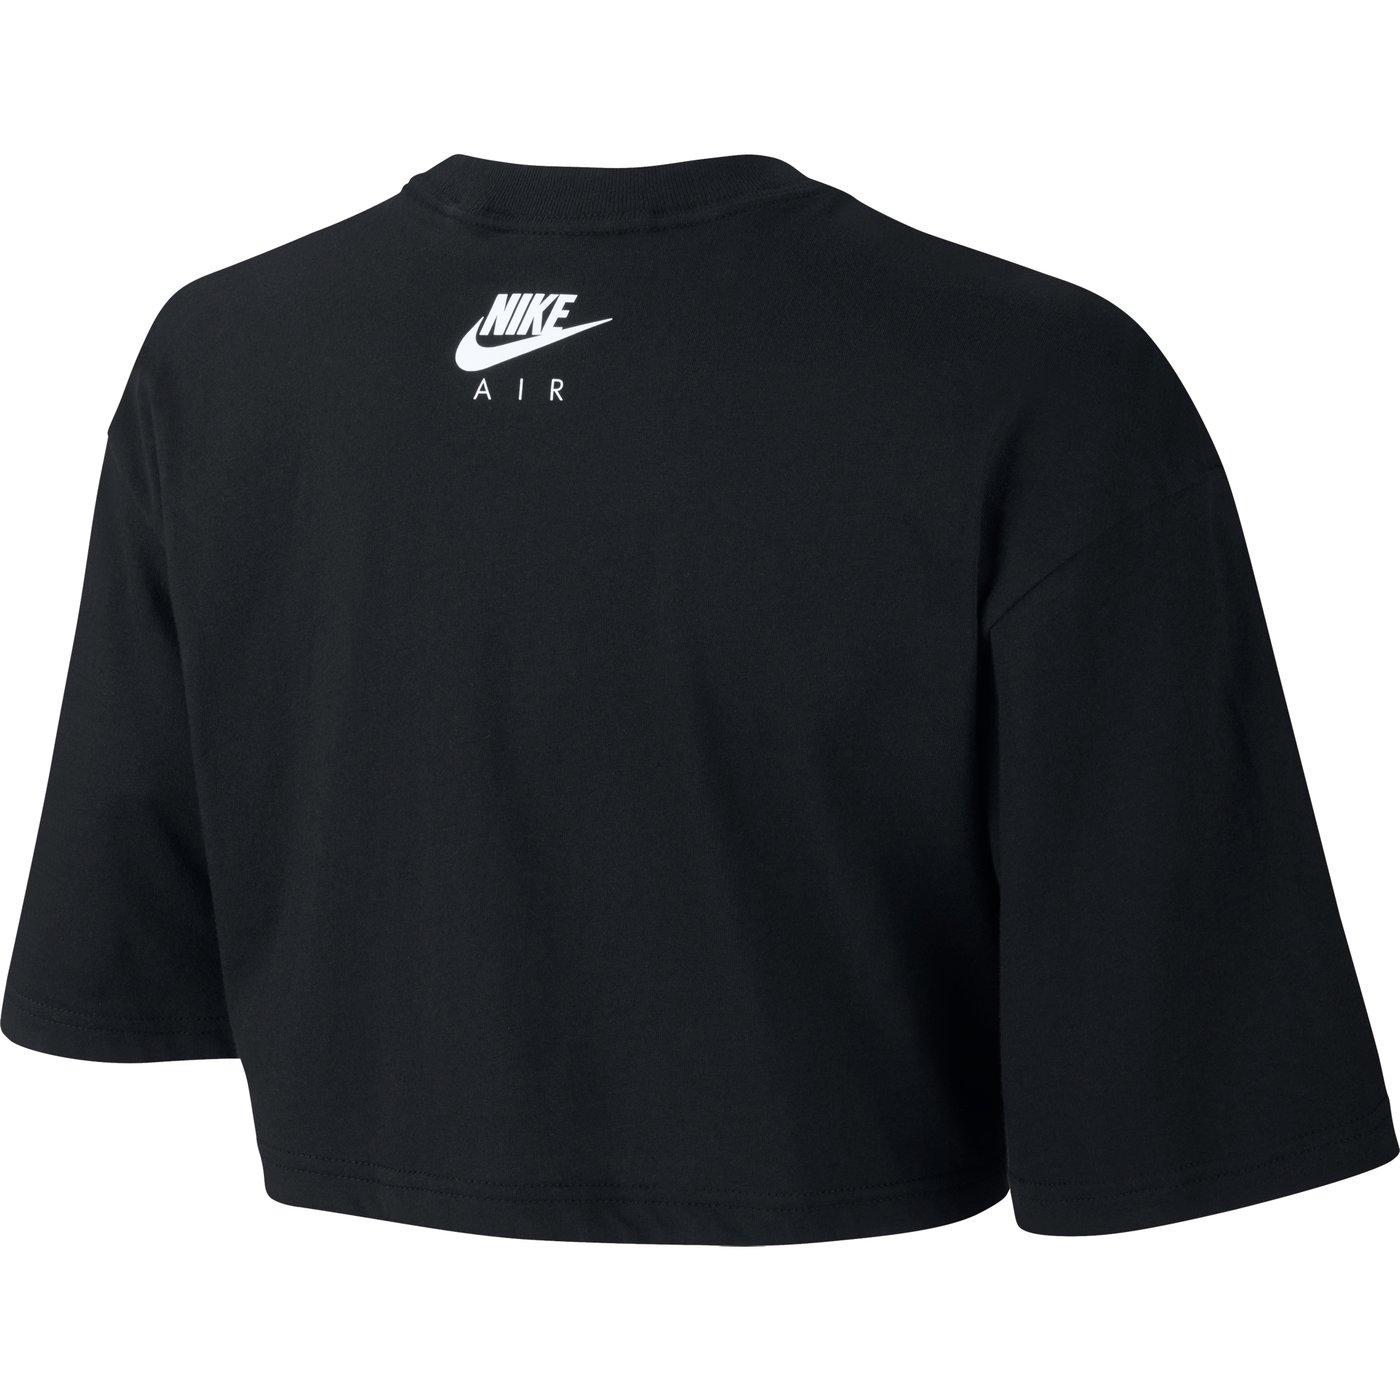 Nike Sportswear Air Kadın Siyah T-Shirt